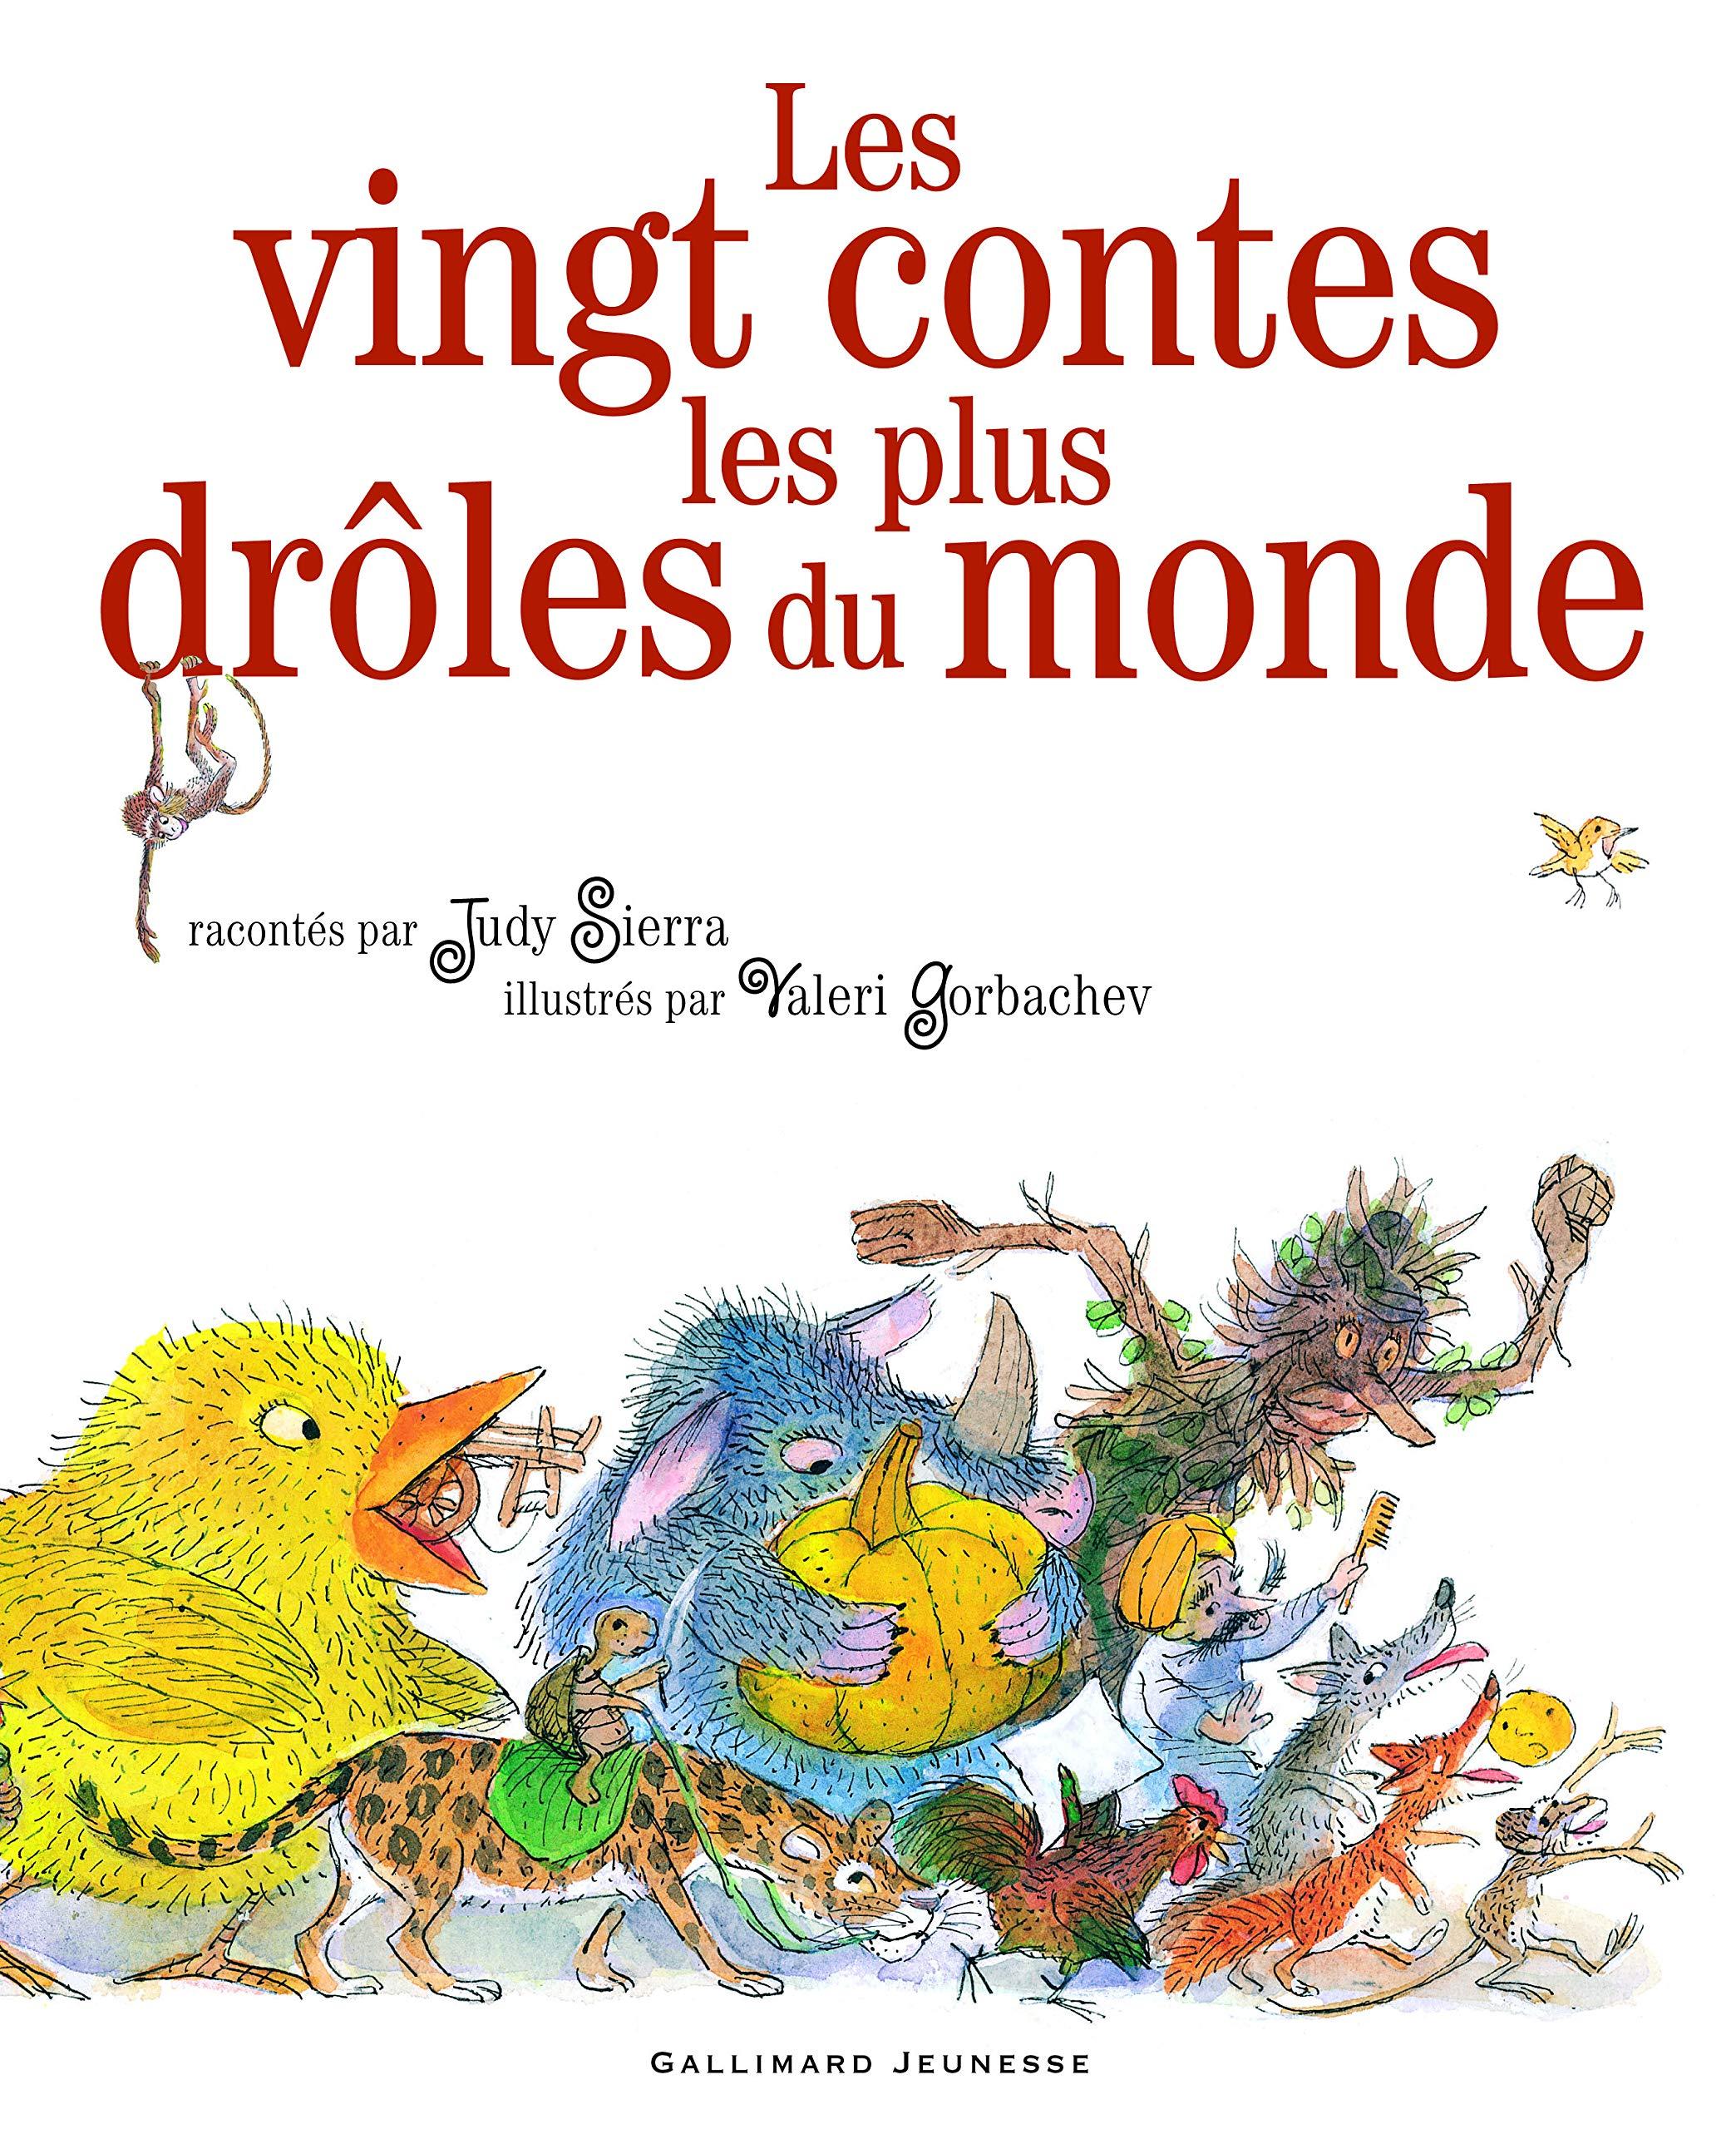 Amazon Fr Les Vingt Contes Les Plus Droles Du Monde A Partir De 3 Ans Sierra Judy Gorbachev Valeri Jusforgues Pascale Livres